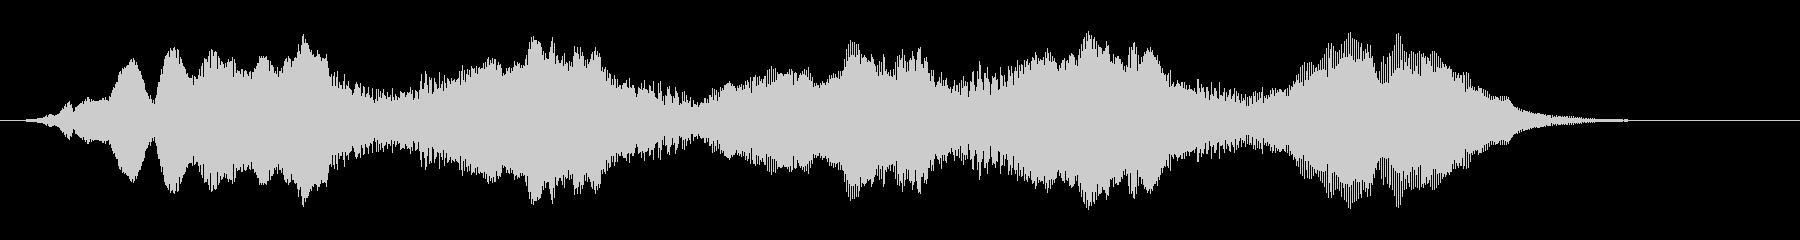 管楽器のジングル やや暗め シリアスの未再生の波形